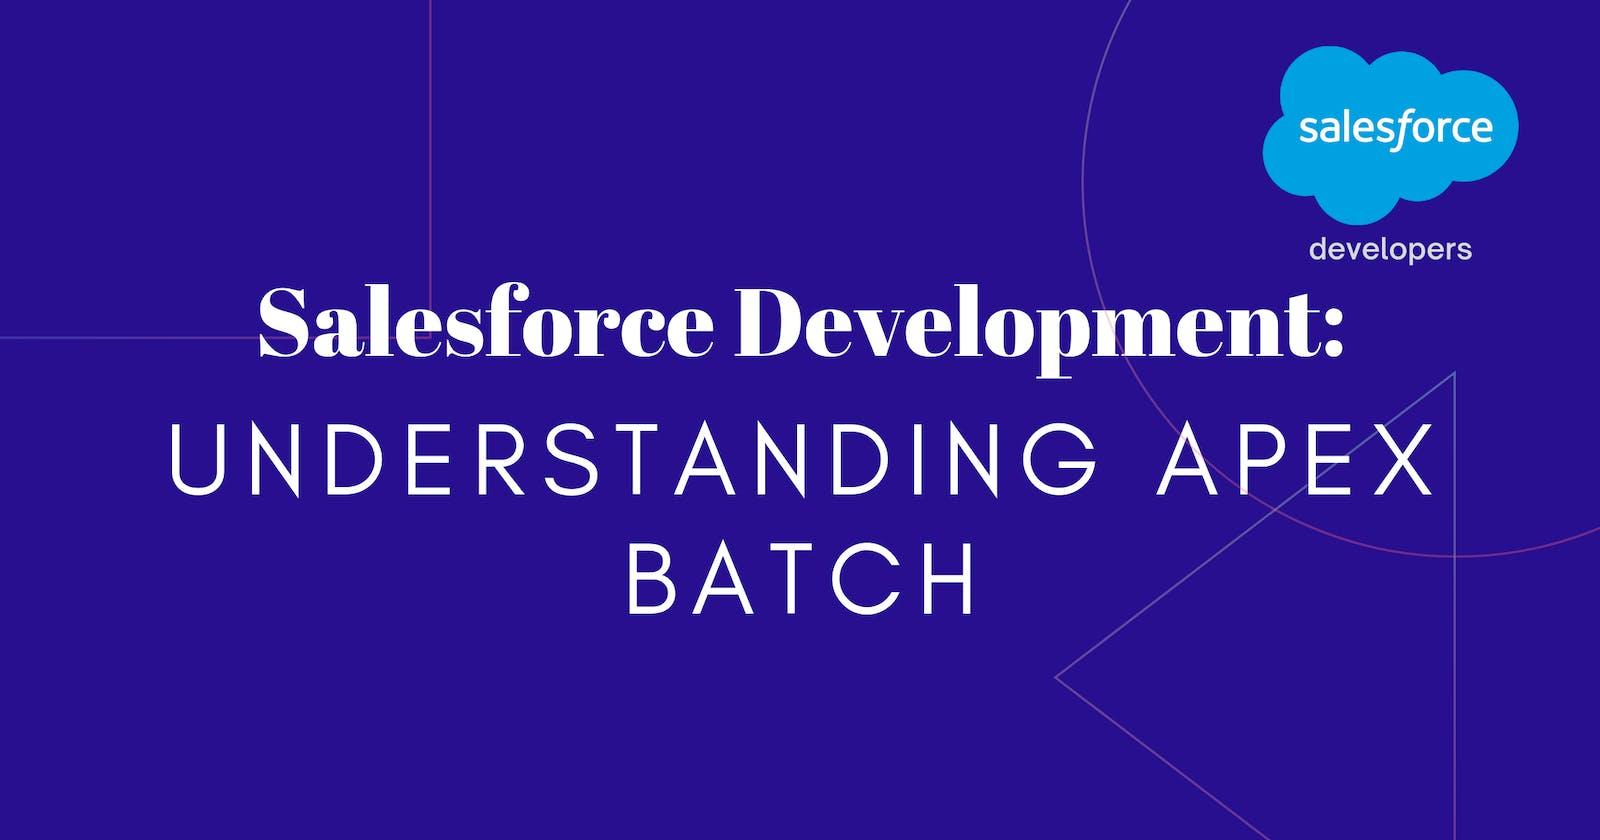 Salesforce Development: Understanding Apex Batch